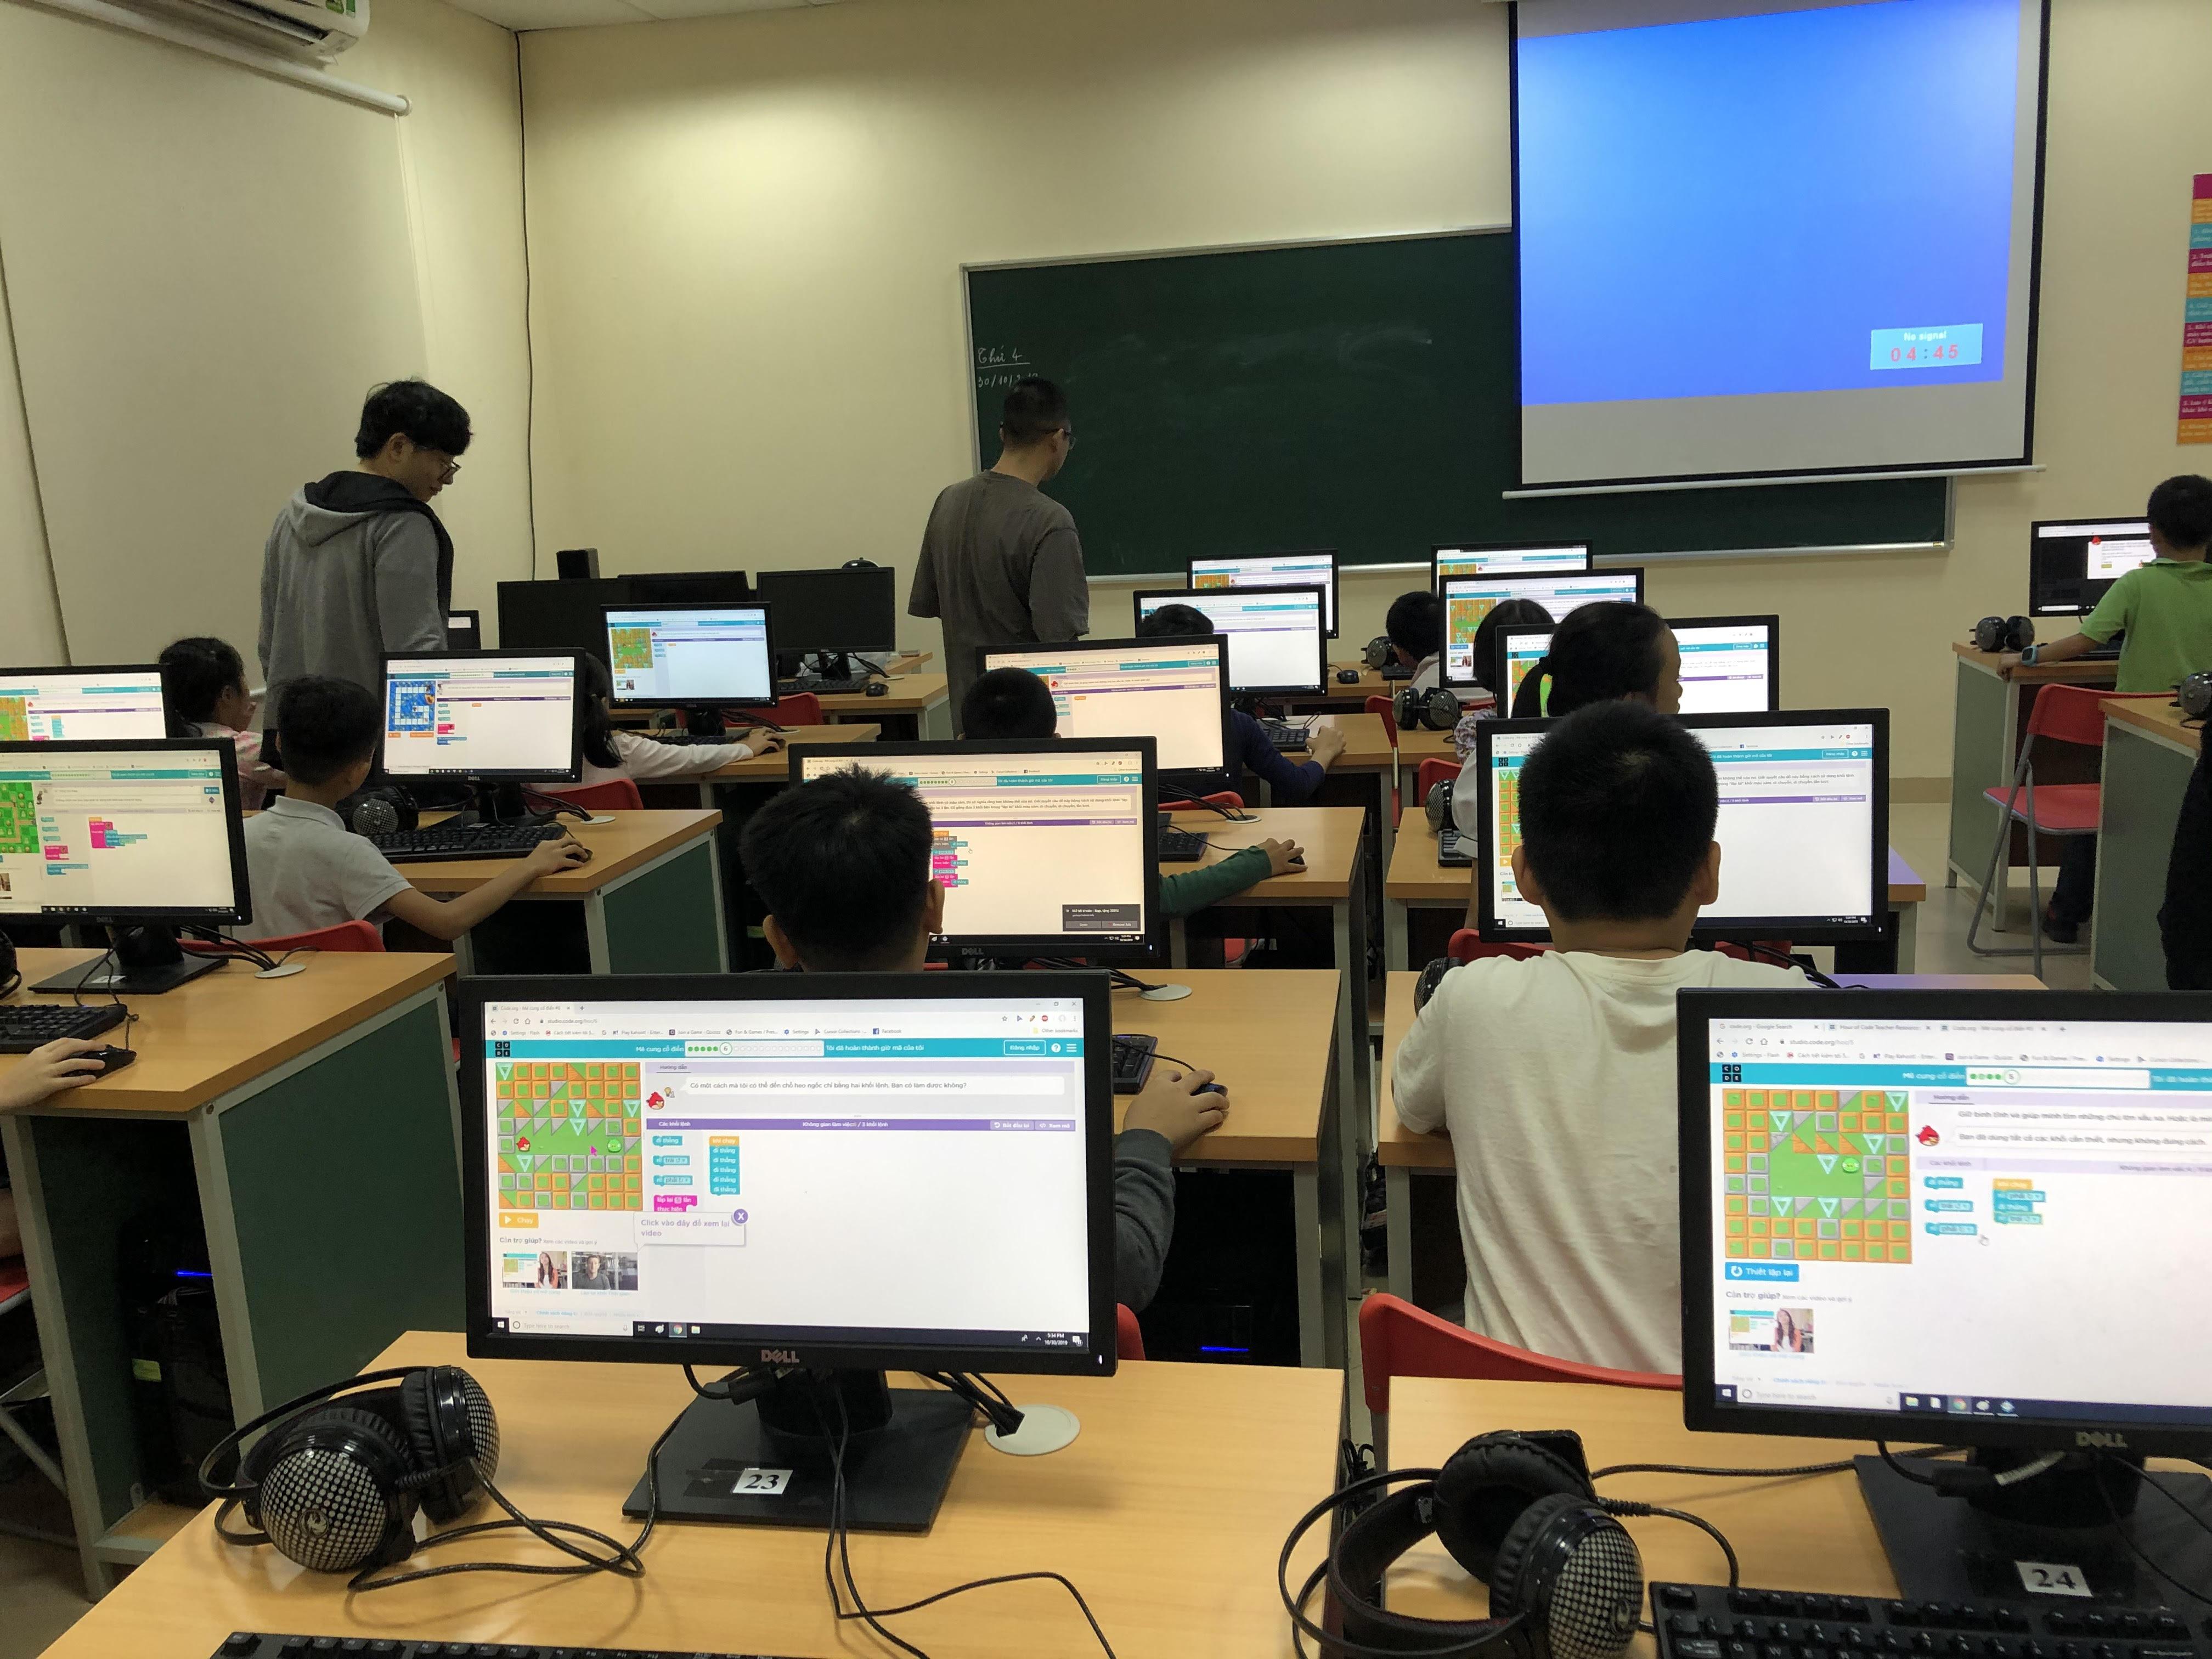 Tại buổi học đầu tiên, FPT Small được làm quen với ngôn ngữ lập trình đơn giản. Đây là phương pháp giáo dục STEM 4.0 giúp lứa tuổi học sinh sớm tiếp cận với công nghệ, tiếp cận với chương trình giáo dục hiện đại. Nhằm mang đến cho các con một nền tảng kiến thức vững chắc trong tương lai.